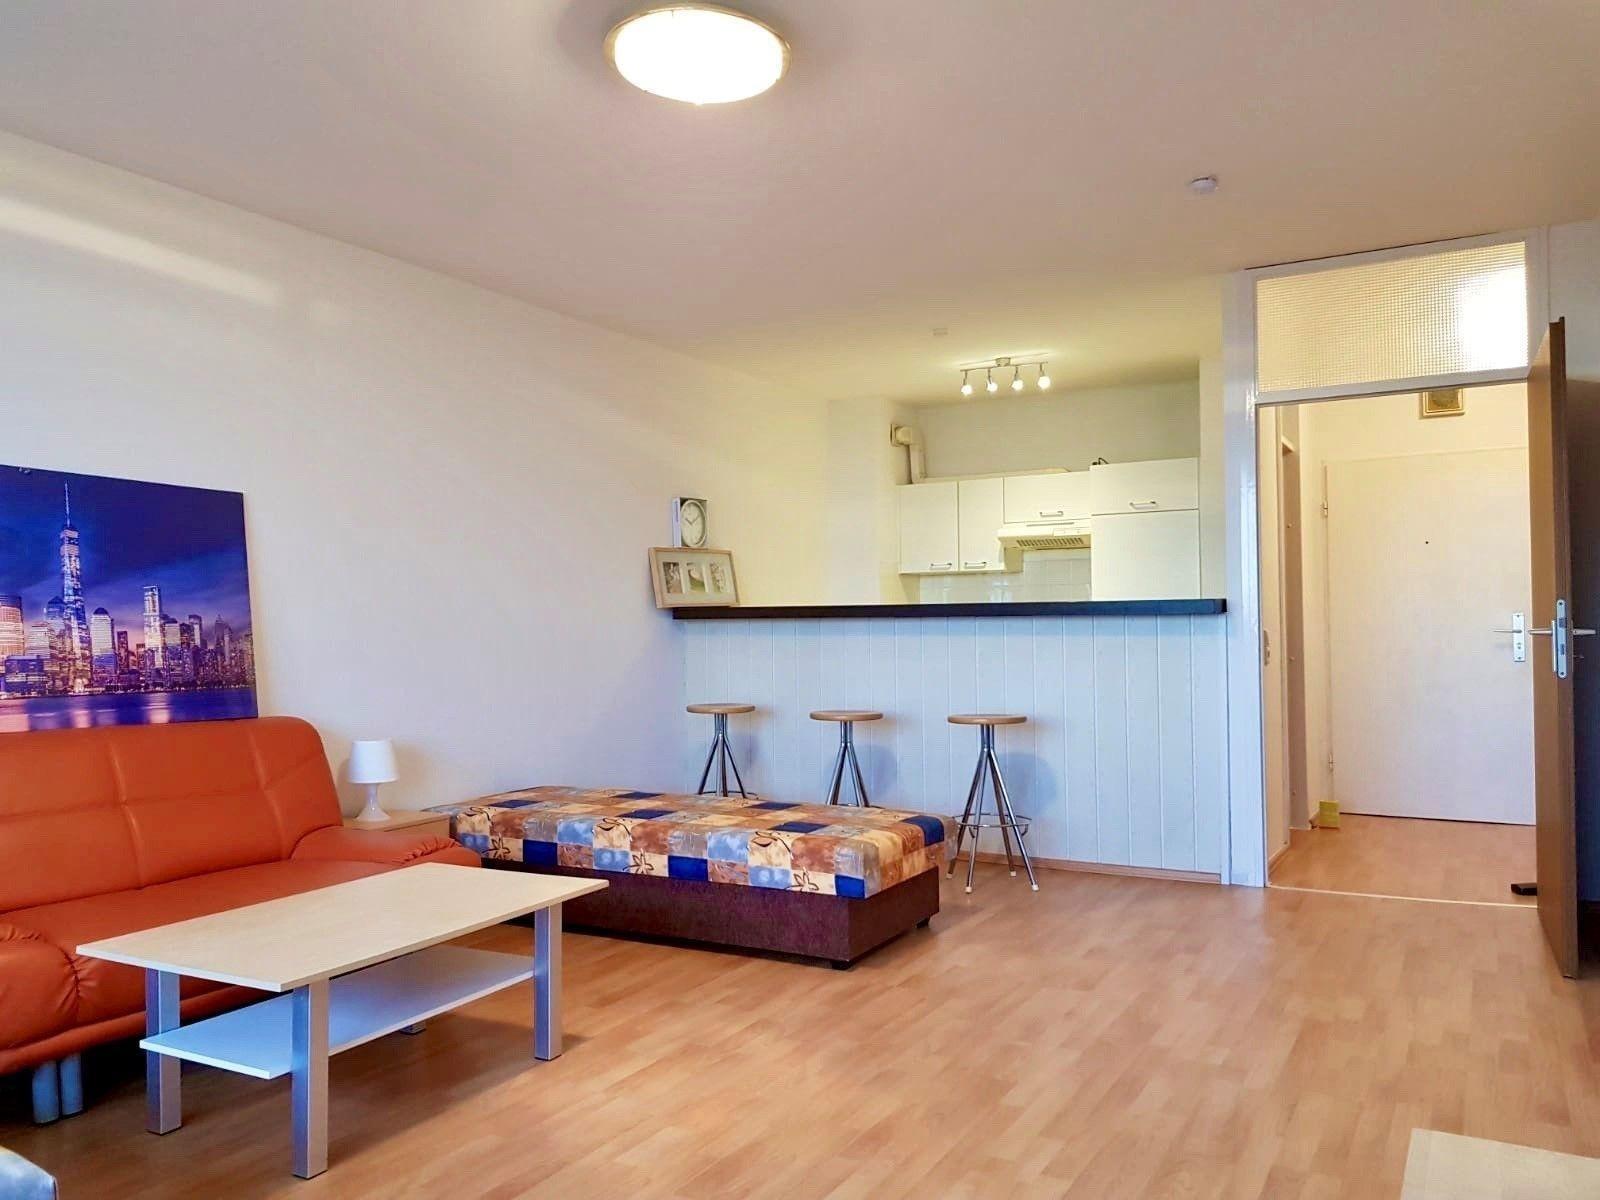 Holiday apartment Schöne Aussichten 1 (2729338), Hamburg, Wandsbek, Hamburg, Germany, picture 12